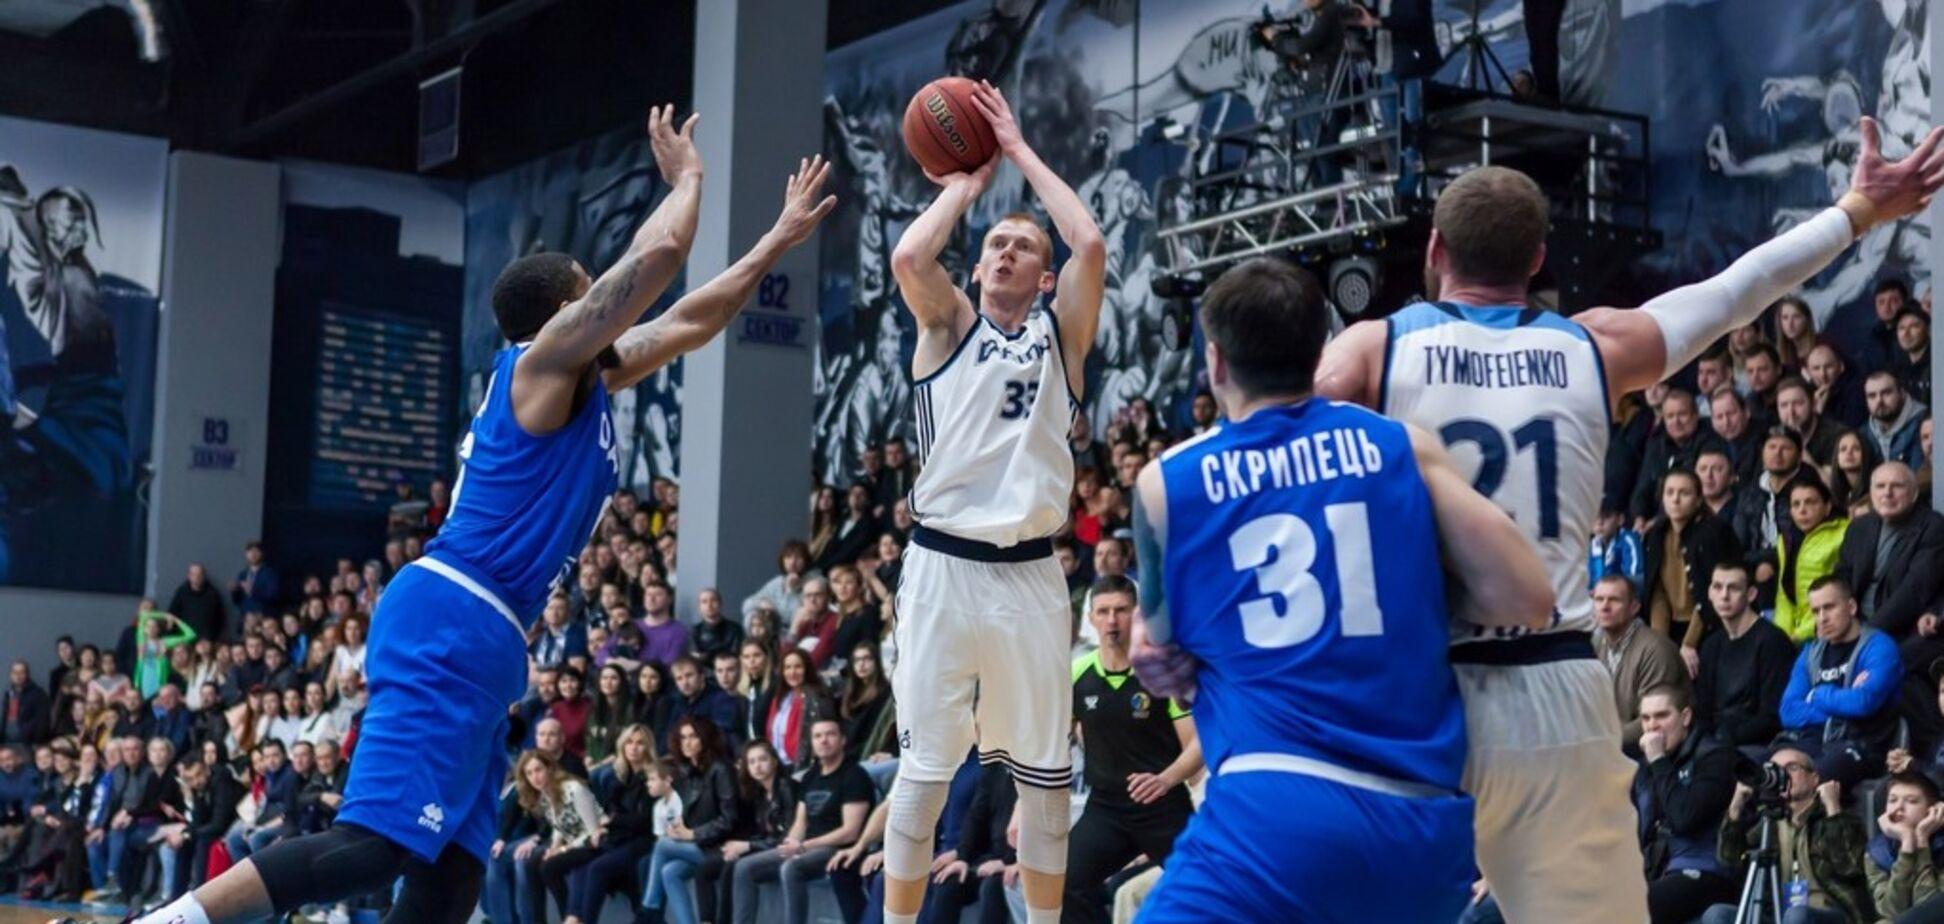 Определился победитель Кубка Украины по баскетболу